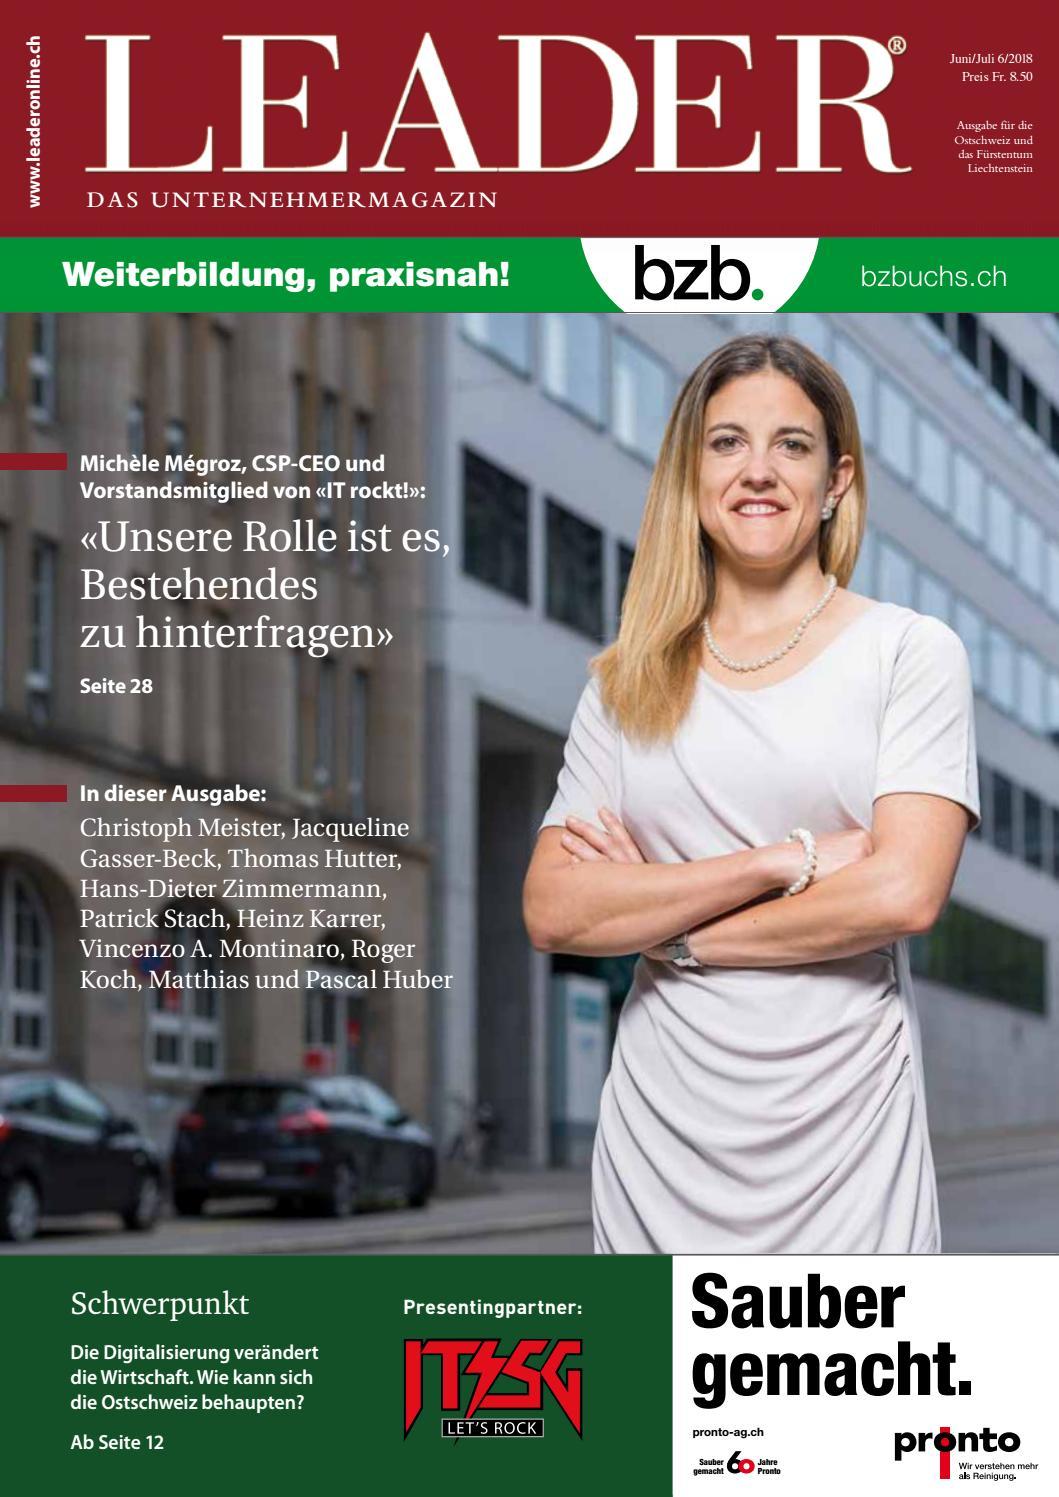 LEADER Juni/Juli 2018 by LEADER - das Unternehmermagazin - issuu